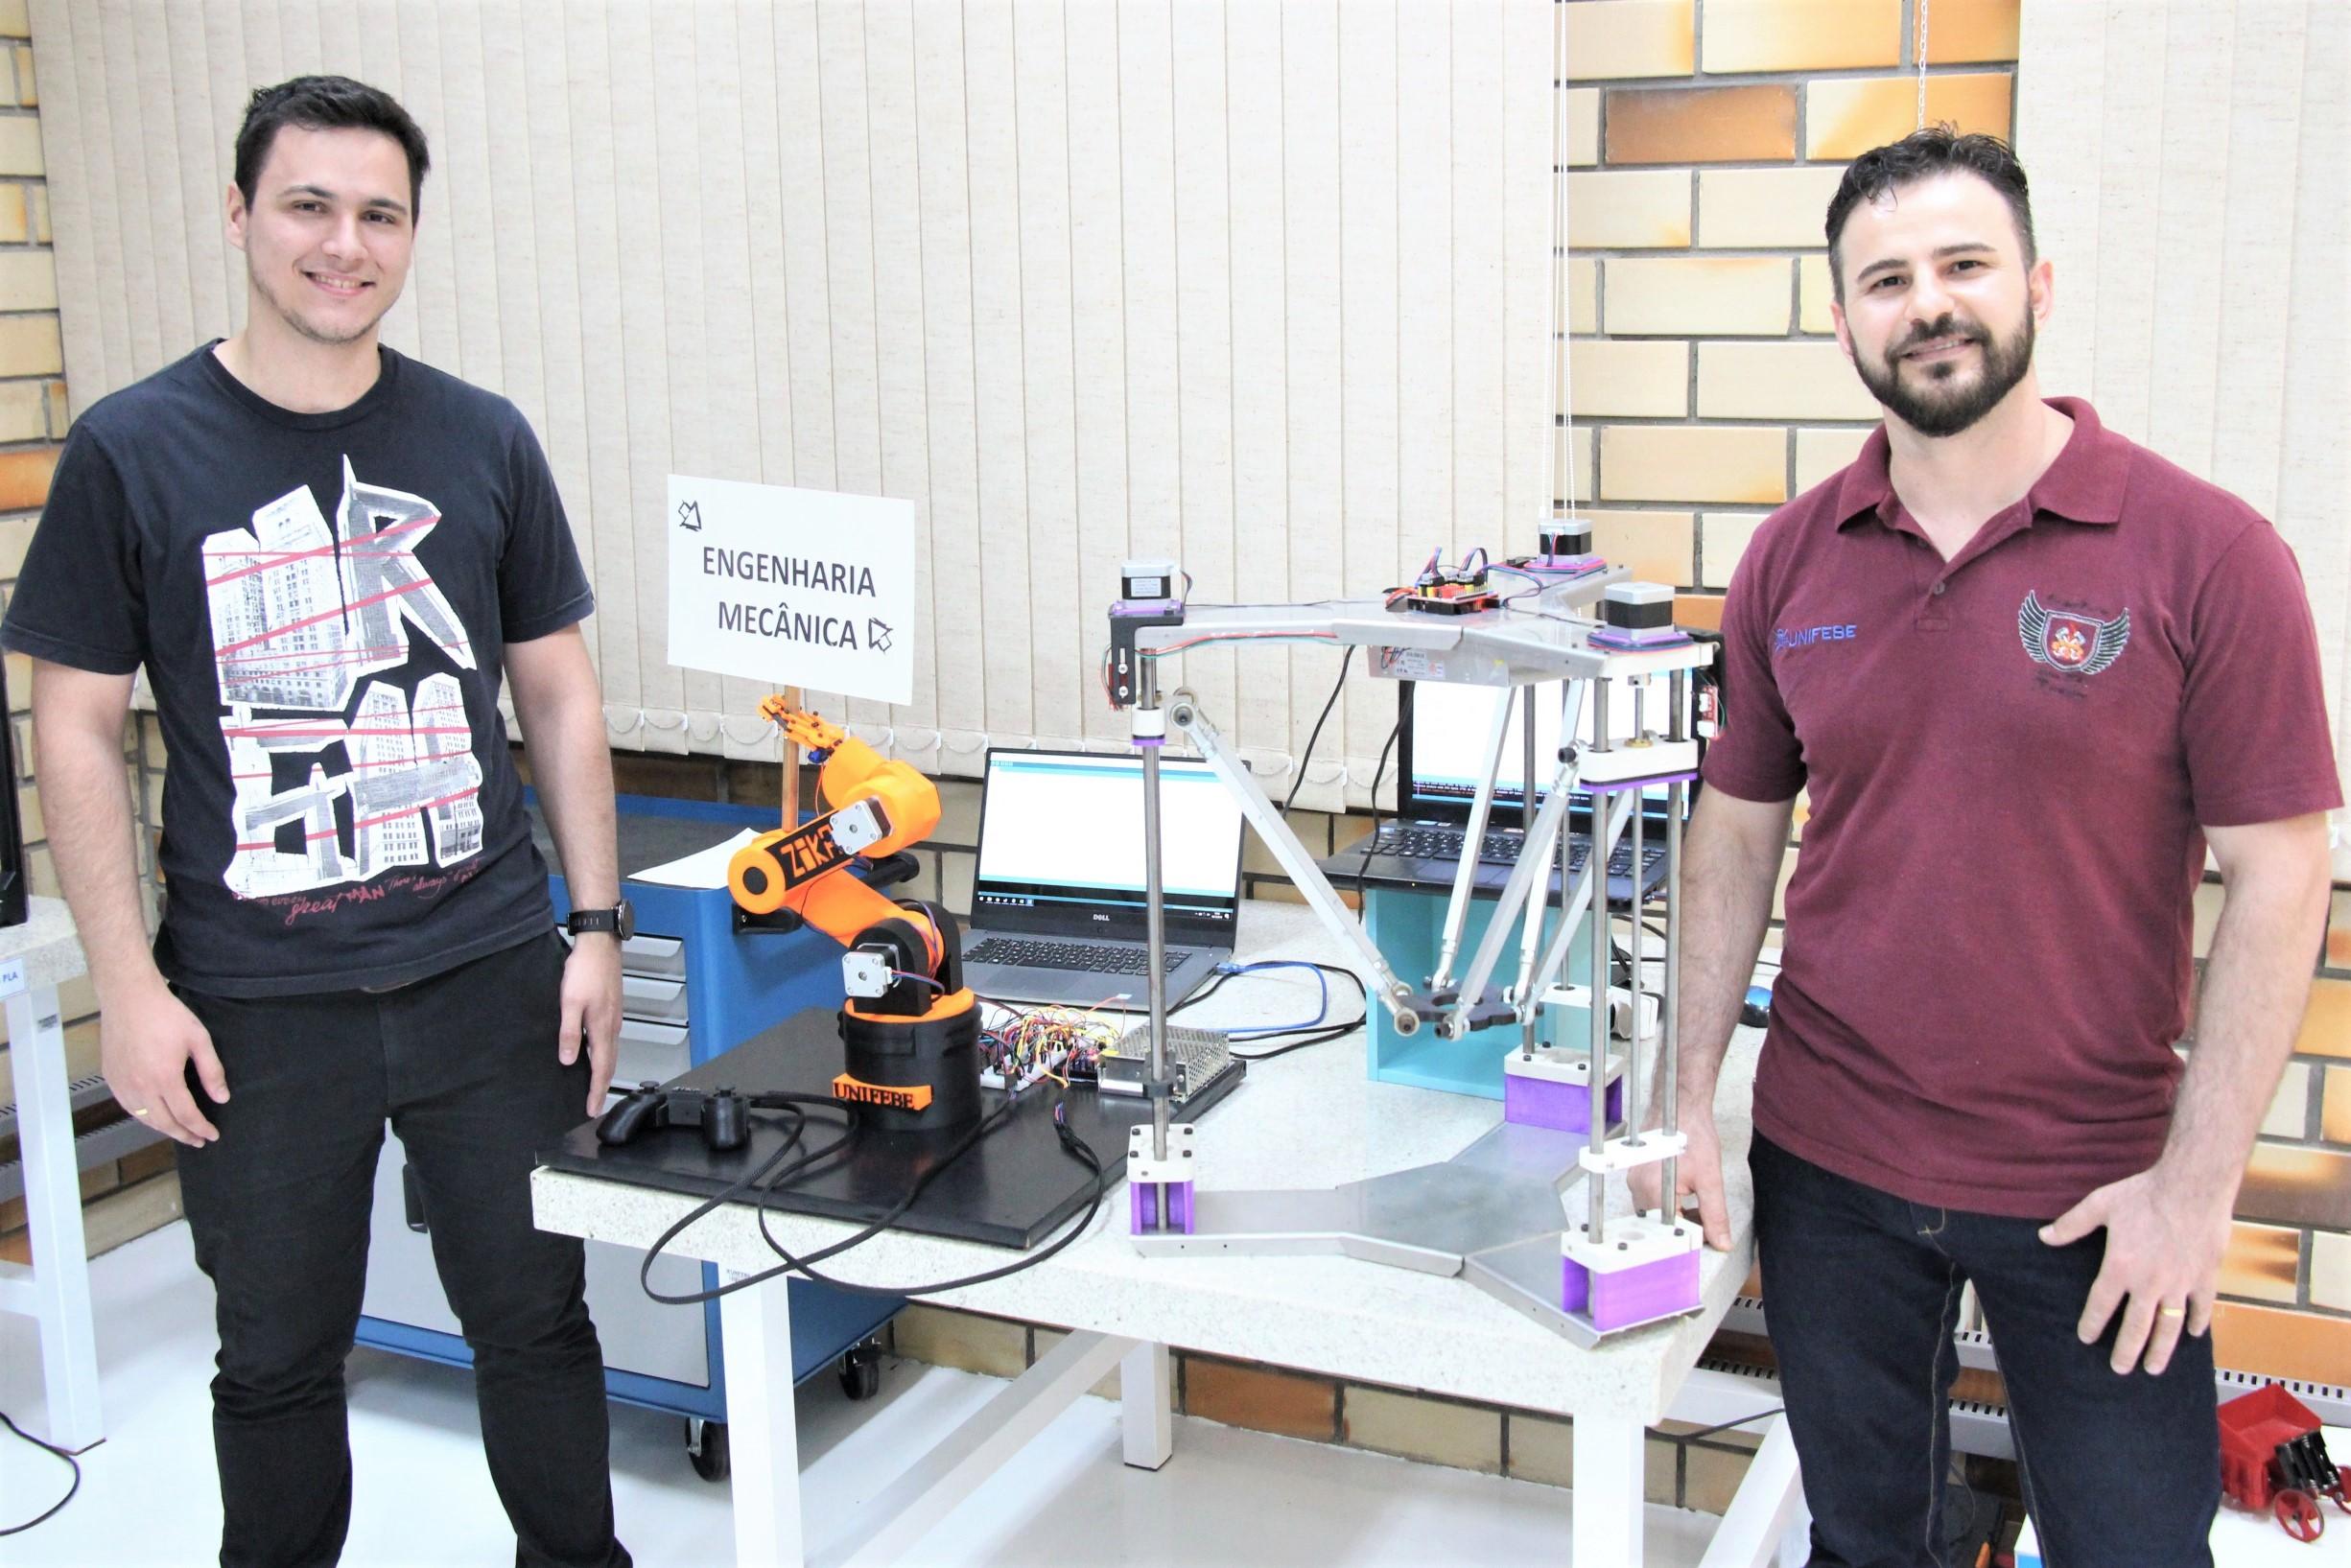 Alunos de Engenharia Mecânica desenvolvem projetos de patinete elétrico e robôs